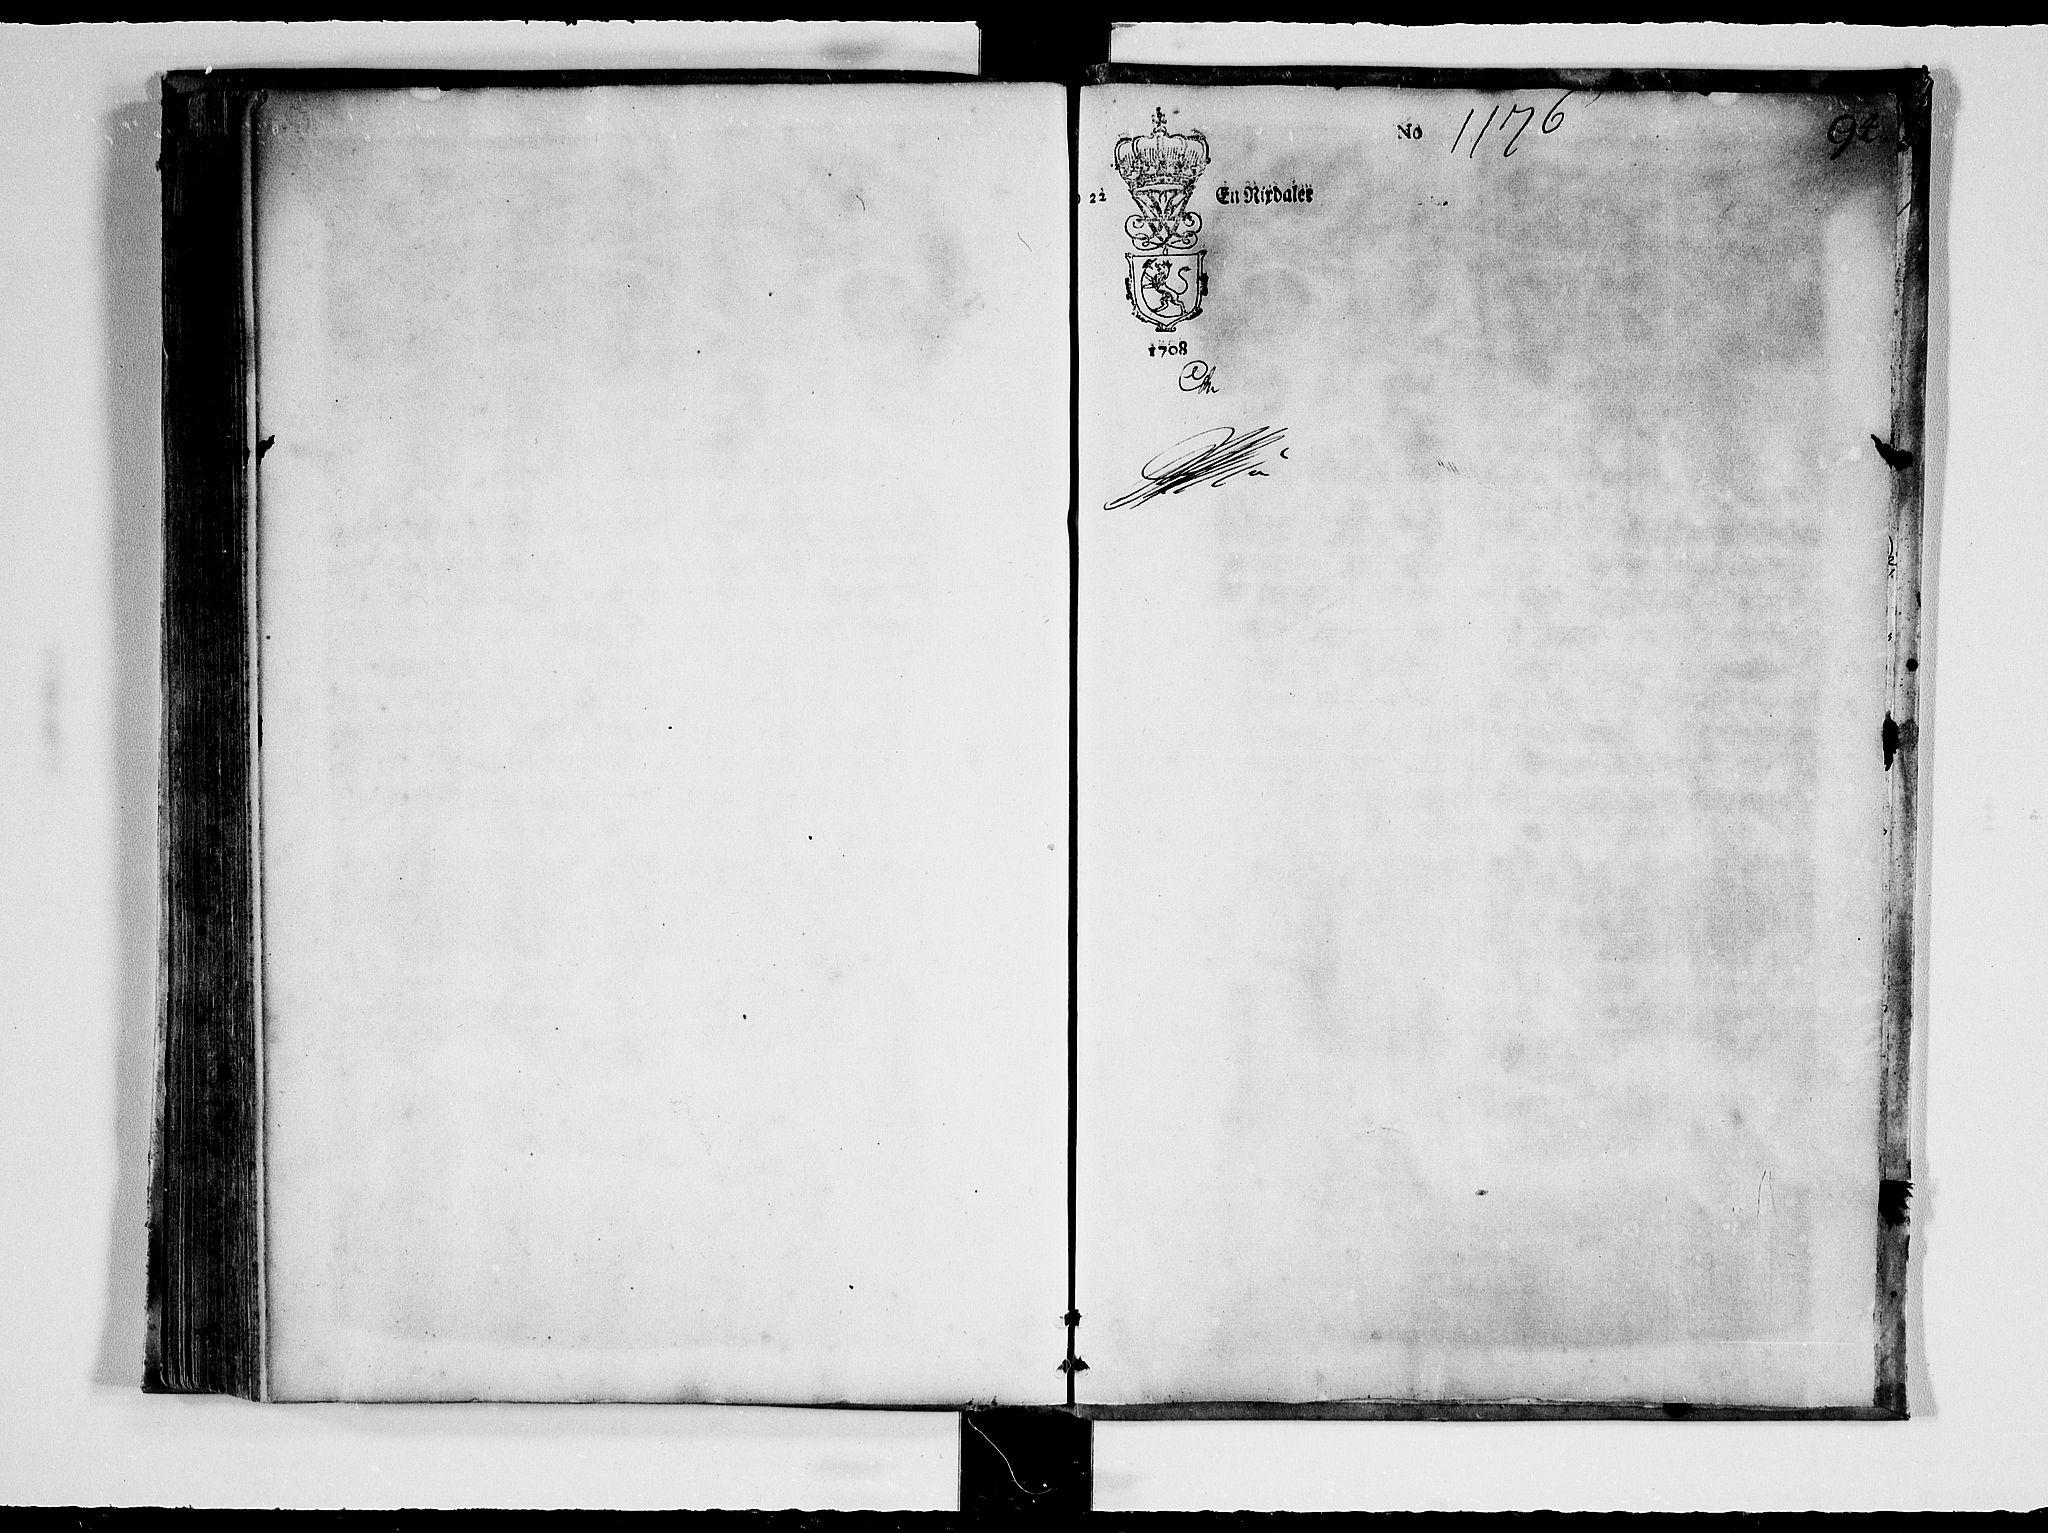 SAH, Sorenskriverier i Gudbrandsdalen, G/Gb/Gbb/L0028: Tingbok - Sør-Gudbrandsdal, 1708-1709